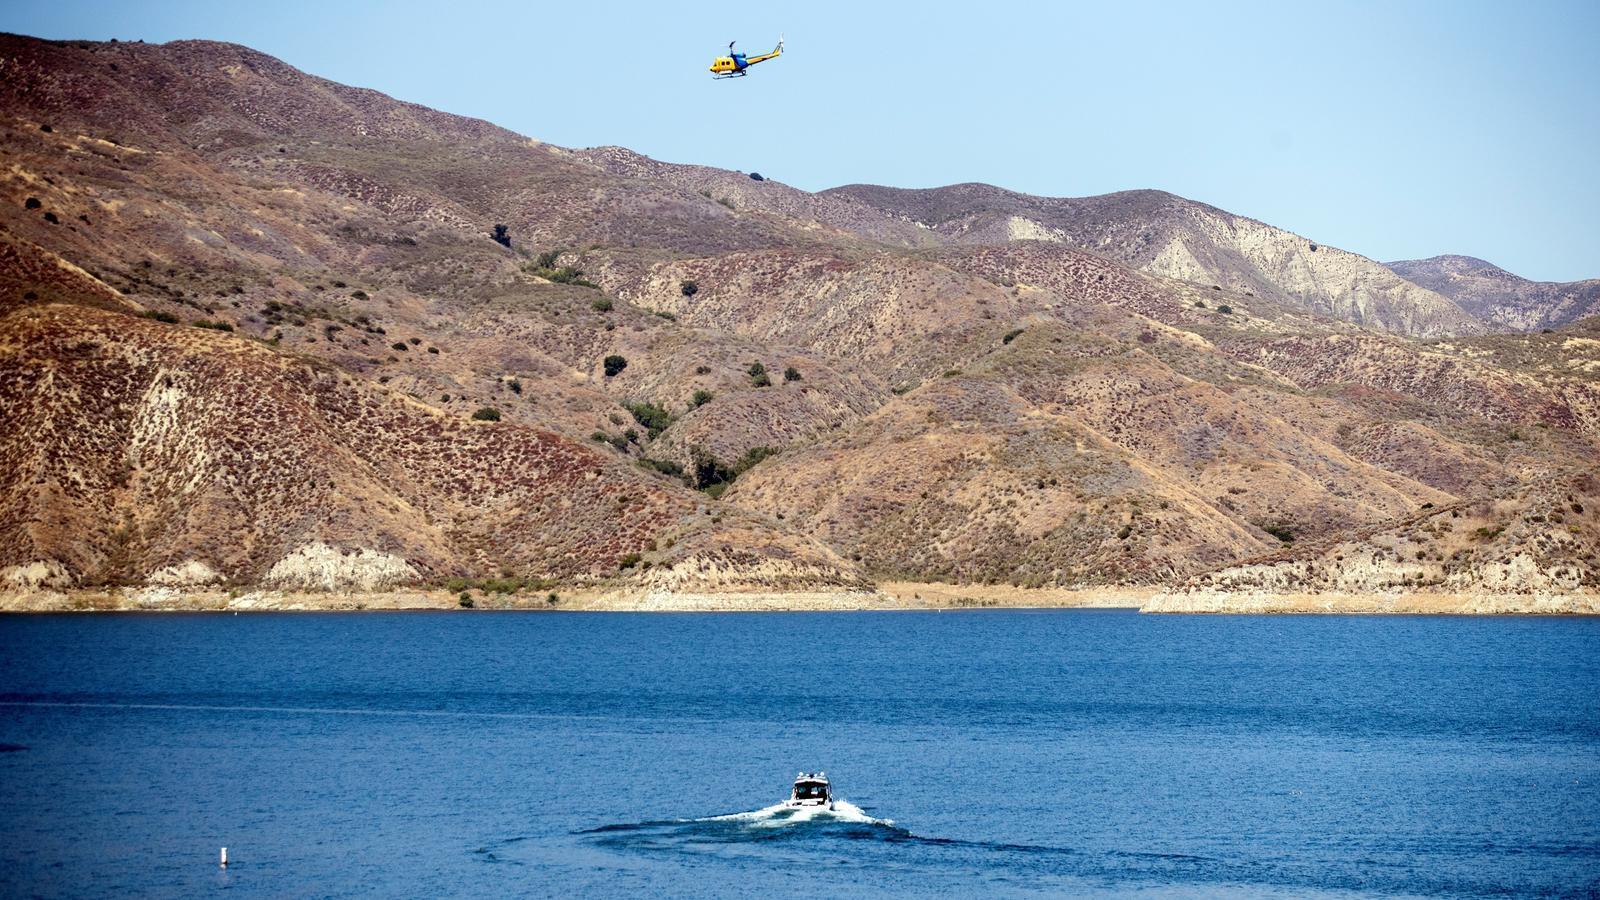 Imatge aèria del llac Piru, on han trobat el cos sense vida de l'actriu Naya Rivera